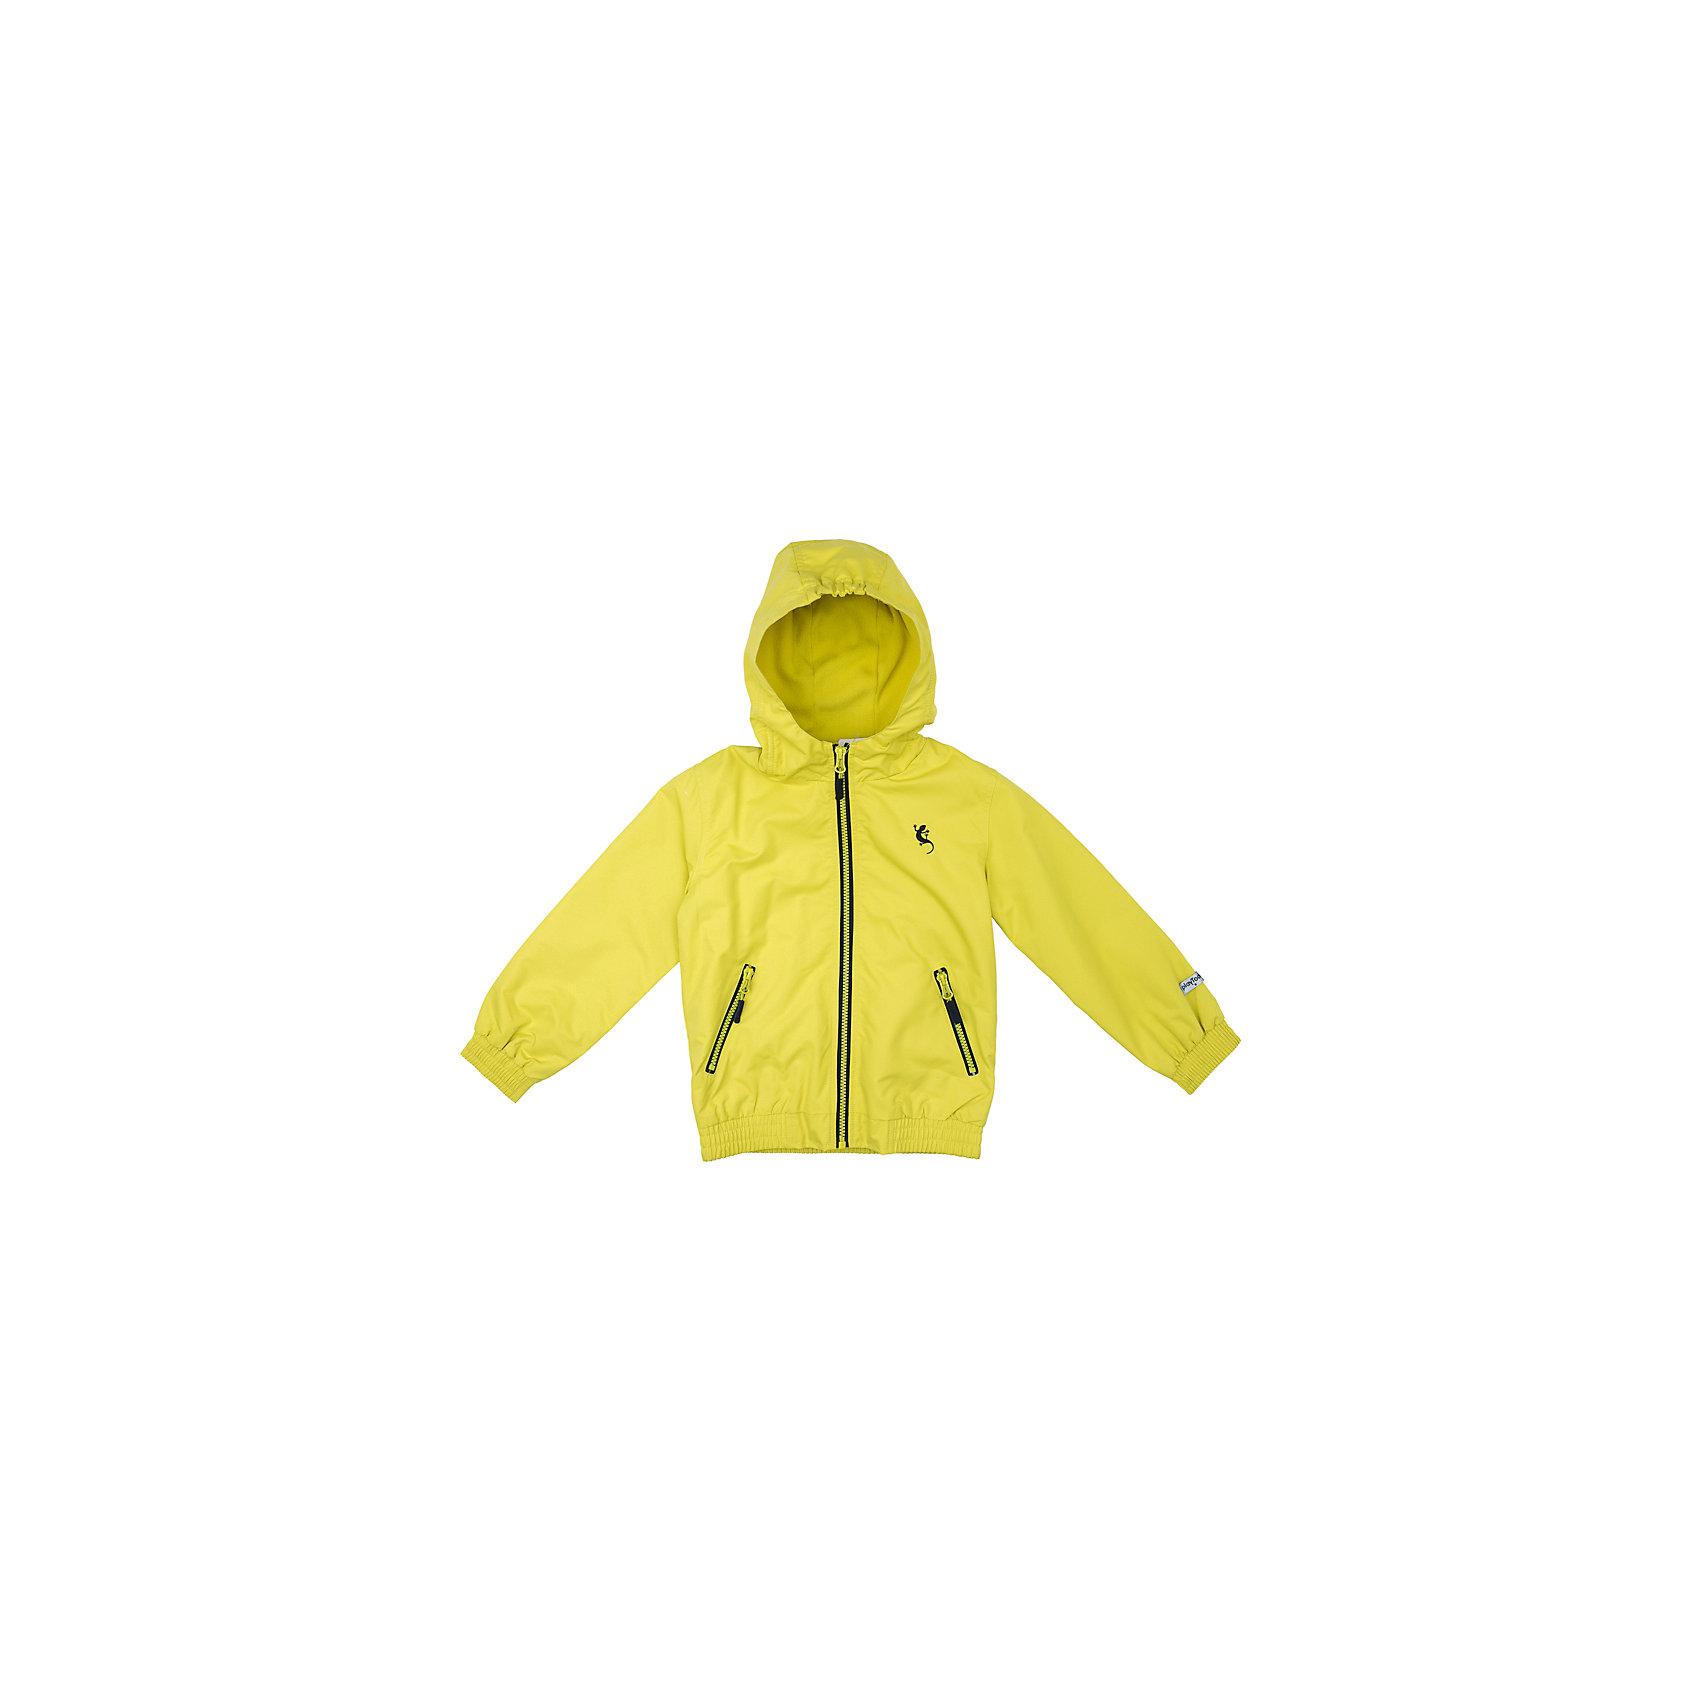 Куртка для мальчика PlayTodayВетровки и жакеты<br>Характеристики товара:<br><br>• цвет: желтый<br>• состав: 100% полиэстер, подкладка: 100% полиэстер<br>• без утеплителя<br>• температурный режим: от +10°С до +20°С<br>• карманы<br>• защита подбородка<br>• молния<br>• эластичные манжеты<br>• светоотражающие элементы<br>• капюшон<br>• коллекция: весна-лето 2017<br>• страна бренда: Германия<br>• страна производства: Китай<br><br>Популярный бренд PlayToday выпустил новую коллекцию! Вещи из неё продолжают радовать покупателей удобством, стильным дизайном и продуманным кроем. Дети носят их с удовольствием. PlayToday - это линейка товаров, созданная специально для детей. Дизайнеры учитывают новые веяния моды и потребности детей. Порадуйте ребенка обновкой от проверенного производителя!<br>Такая демисезонная куртка обеспечит ребенку комфорт благодаря качественному материалу и продуманному крою. С помощью этой модели можно удобно одеться по погоде. Очень модная модель! Отлично подходит для переменной погоды межсезонья.<br><br>Куртку для мальчика от известного бренда PlayToday можно купить в нашем интернет-магазине.<br><br>Ширина мм: 356<br>Глубина мм: 10<br>Высота мм: 245<br>Вес г: 519<br>Цвет: желтый<br>Возраст от месяцев: 84<br>Возраст до месяцев: 96<br>Пол: Мужской<br>Возраст: Детский<br>Размер: 128,98,104,110,116,122<br>SKU: 5403179